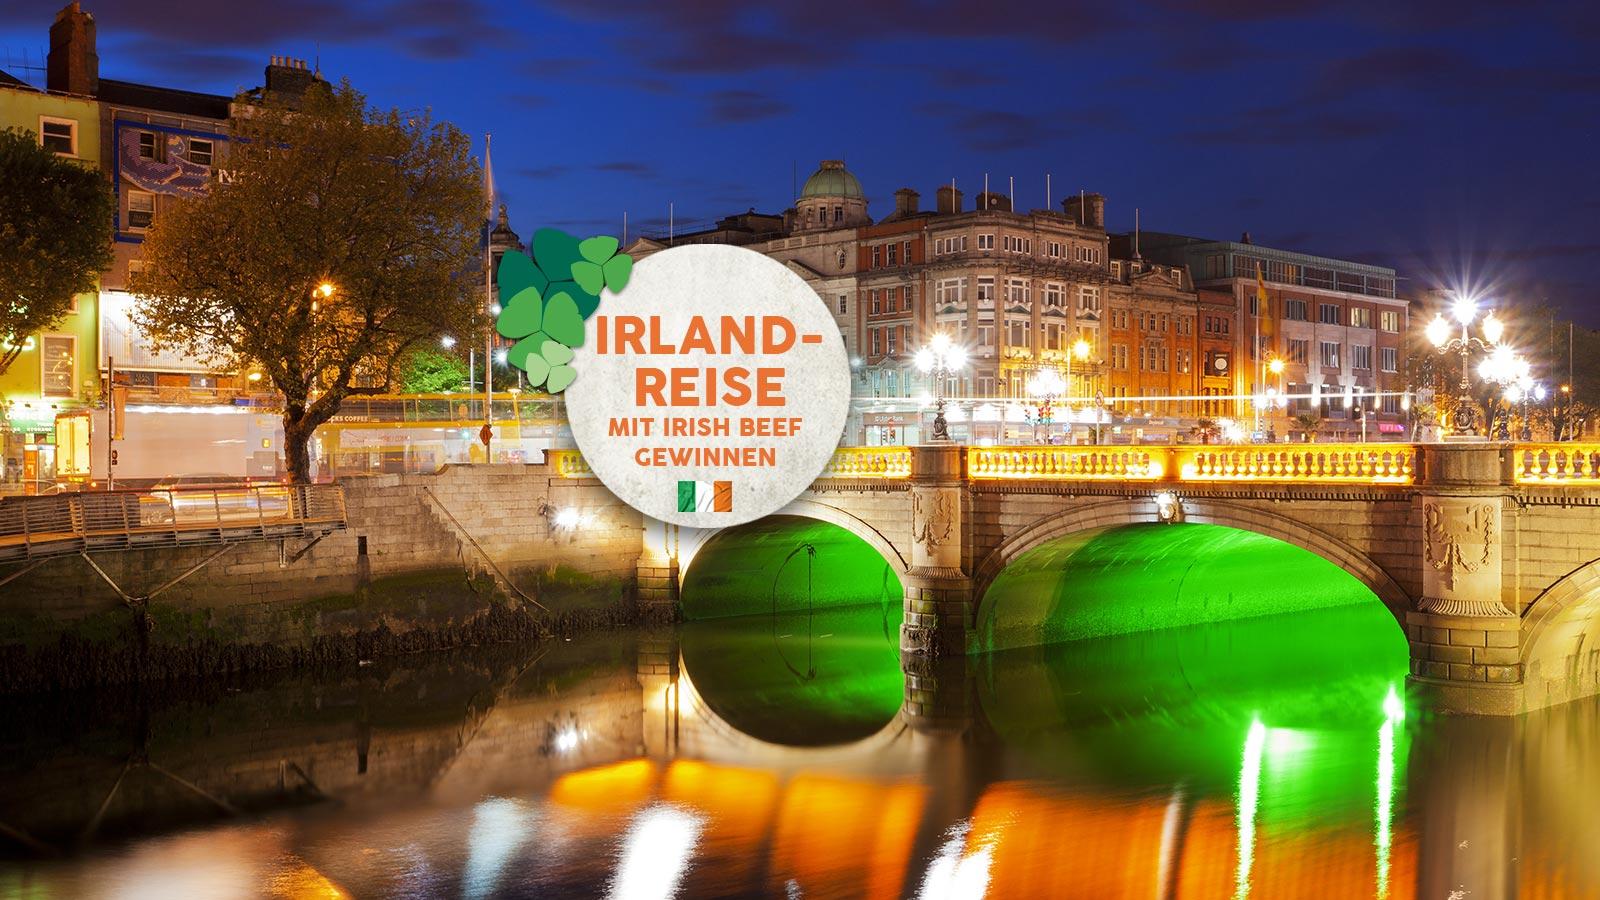 Gewinnen Sie eine Irland Reise mit Karstadt Lebensmittel